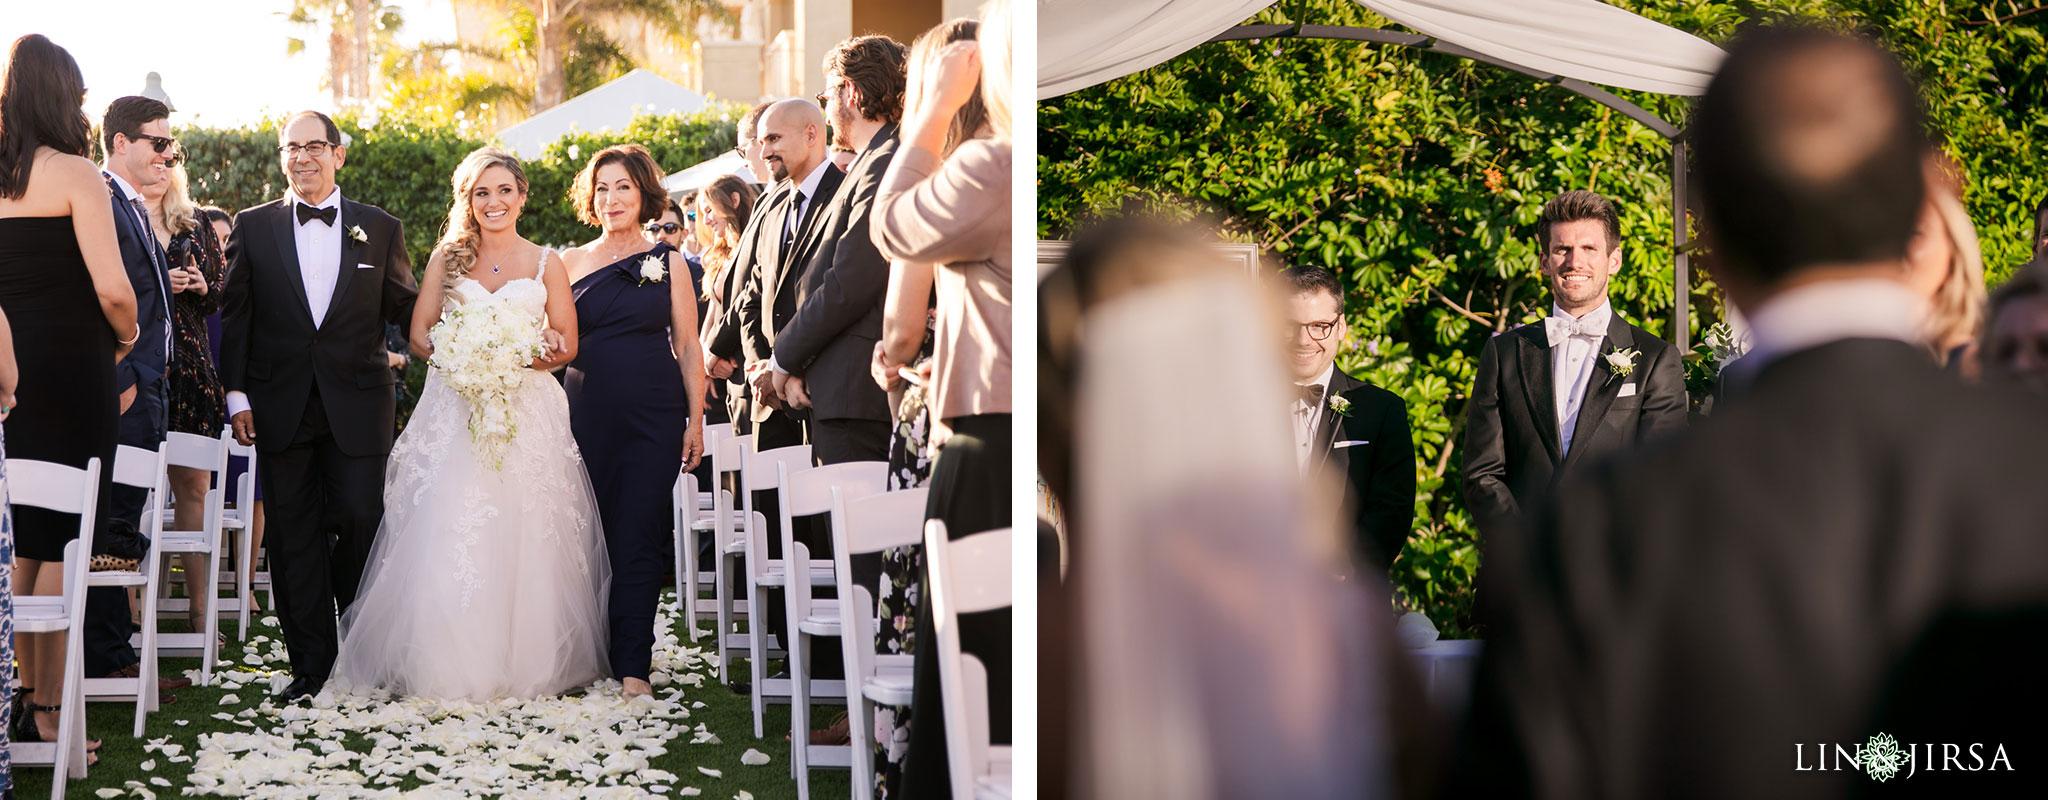 22 balboa bay wedding newport photography